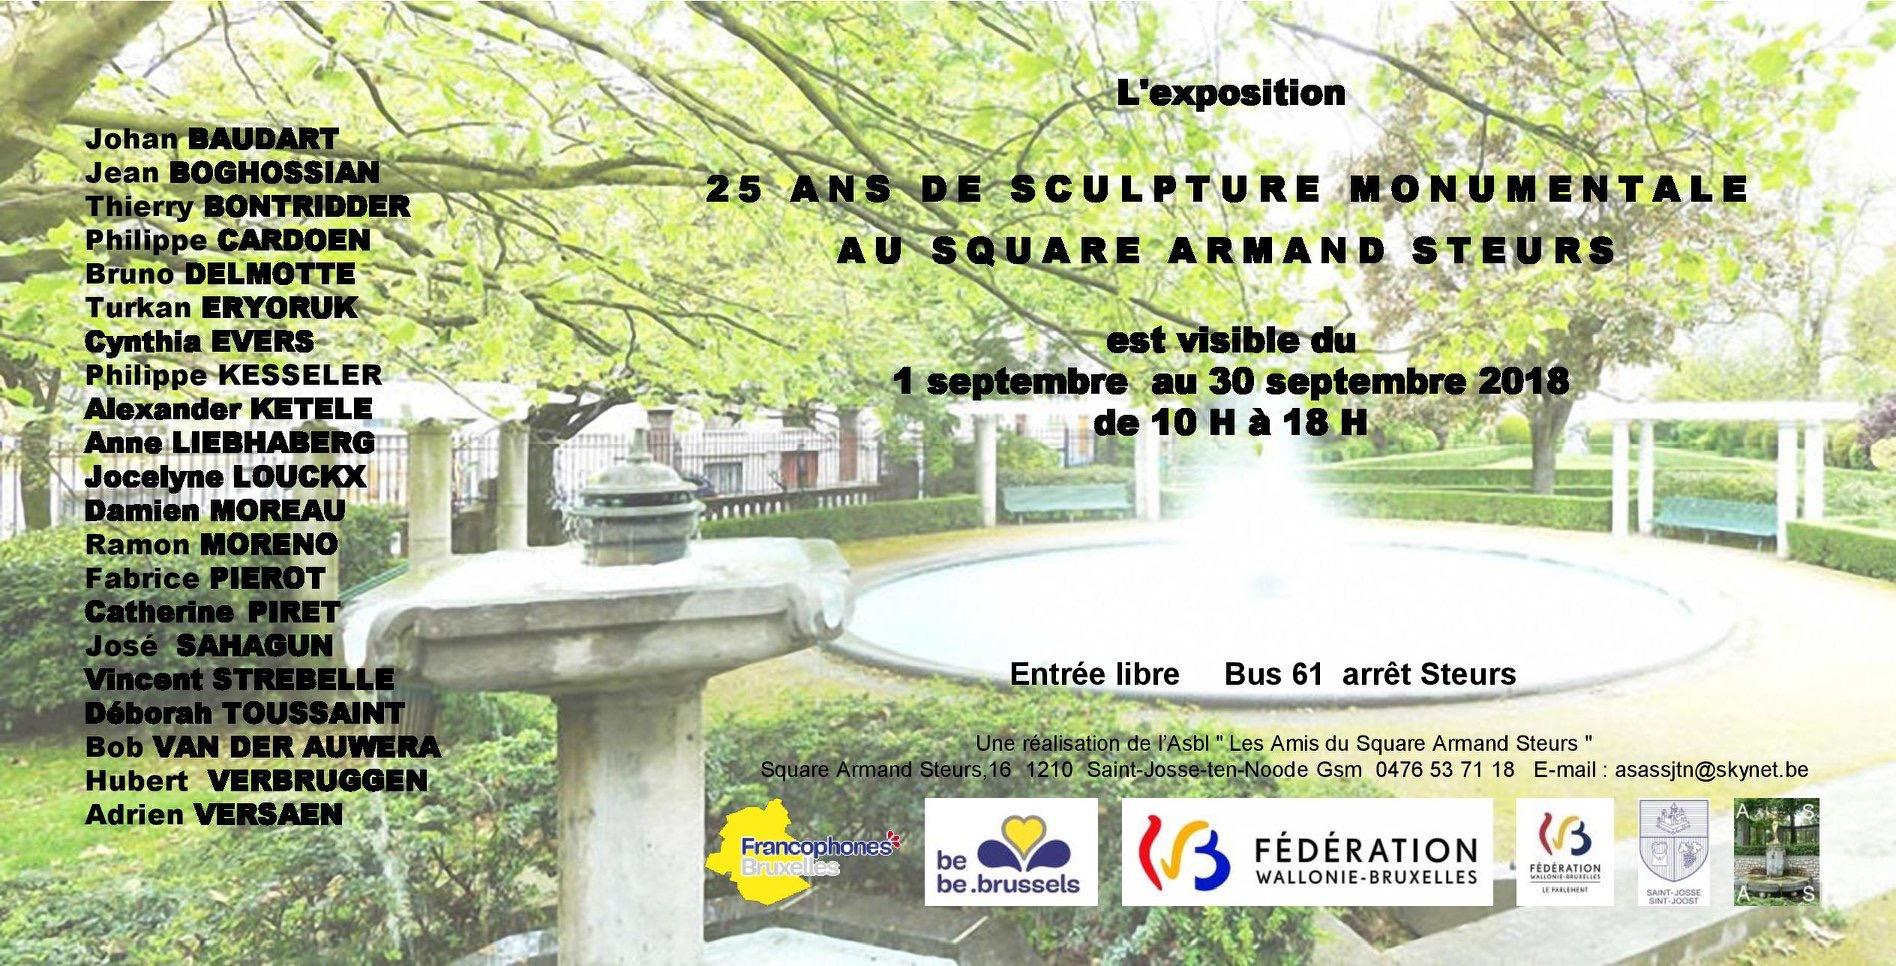 Hubert Verbruggen et José Sahagun expose au 25 ans de sculpture monumentale